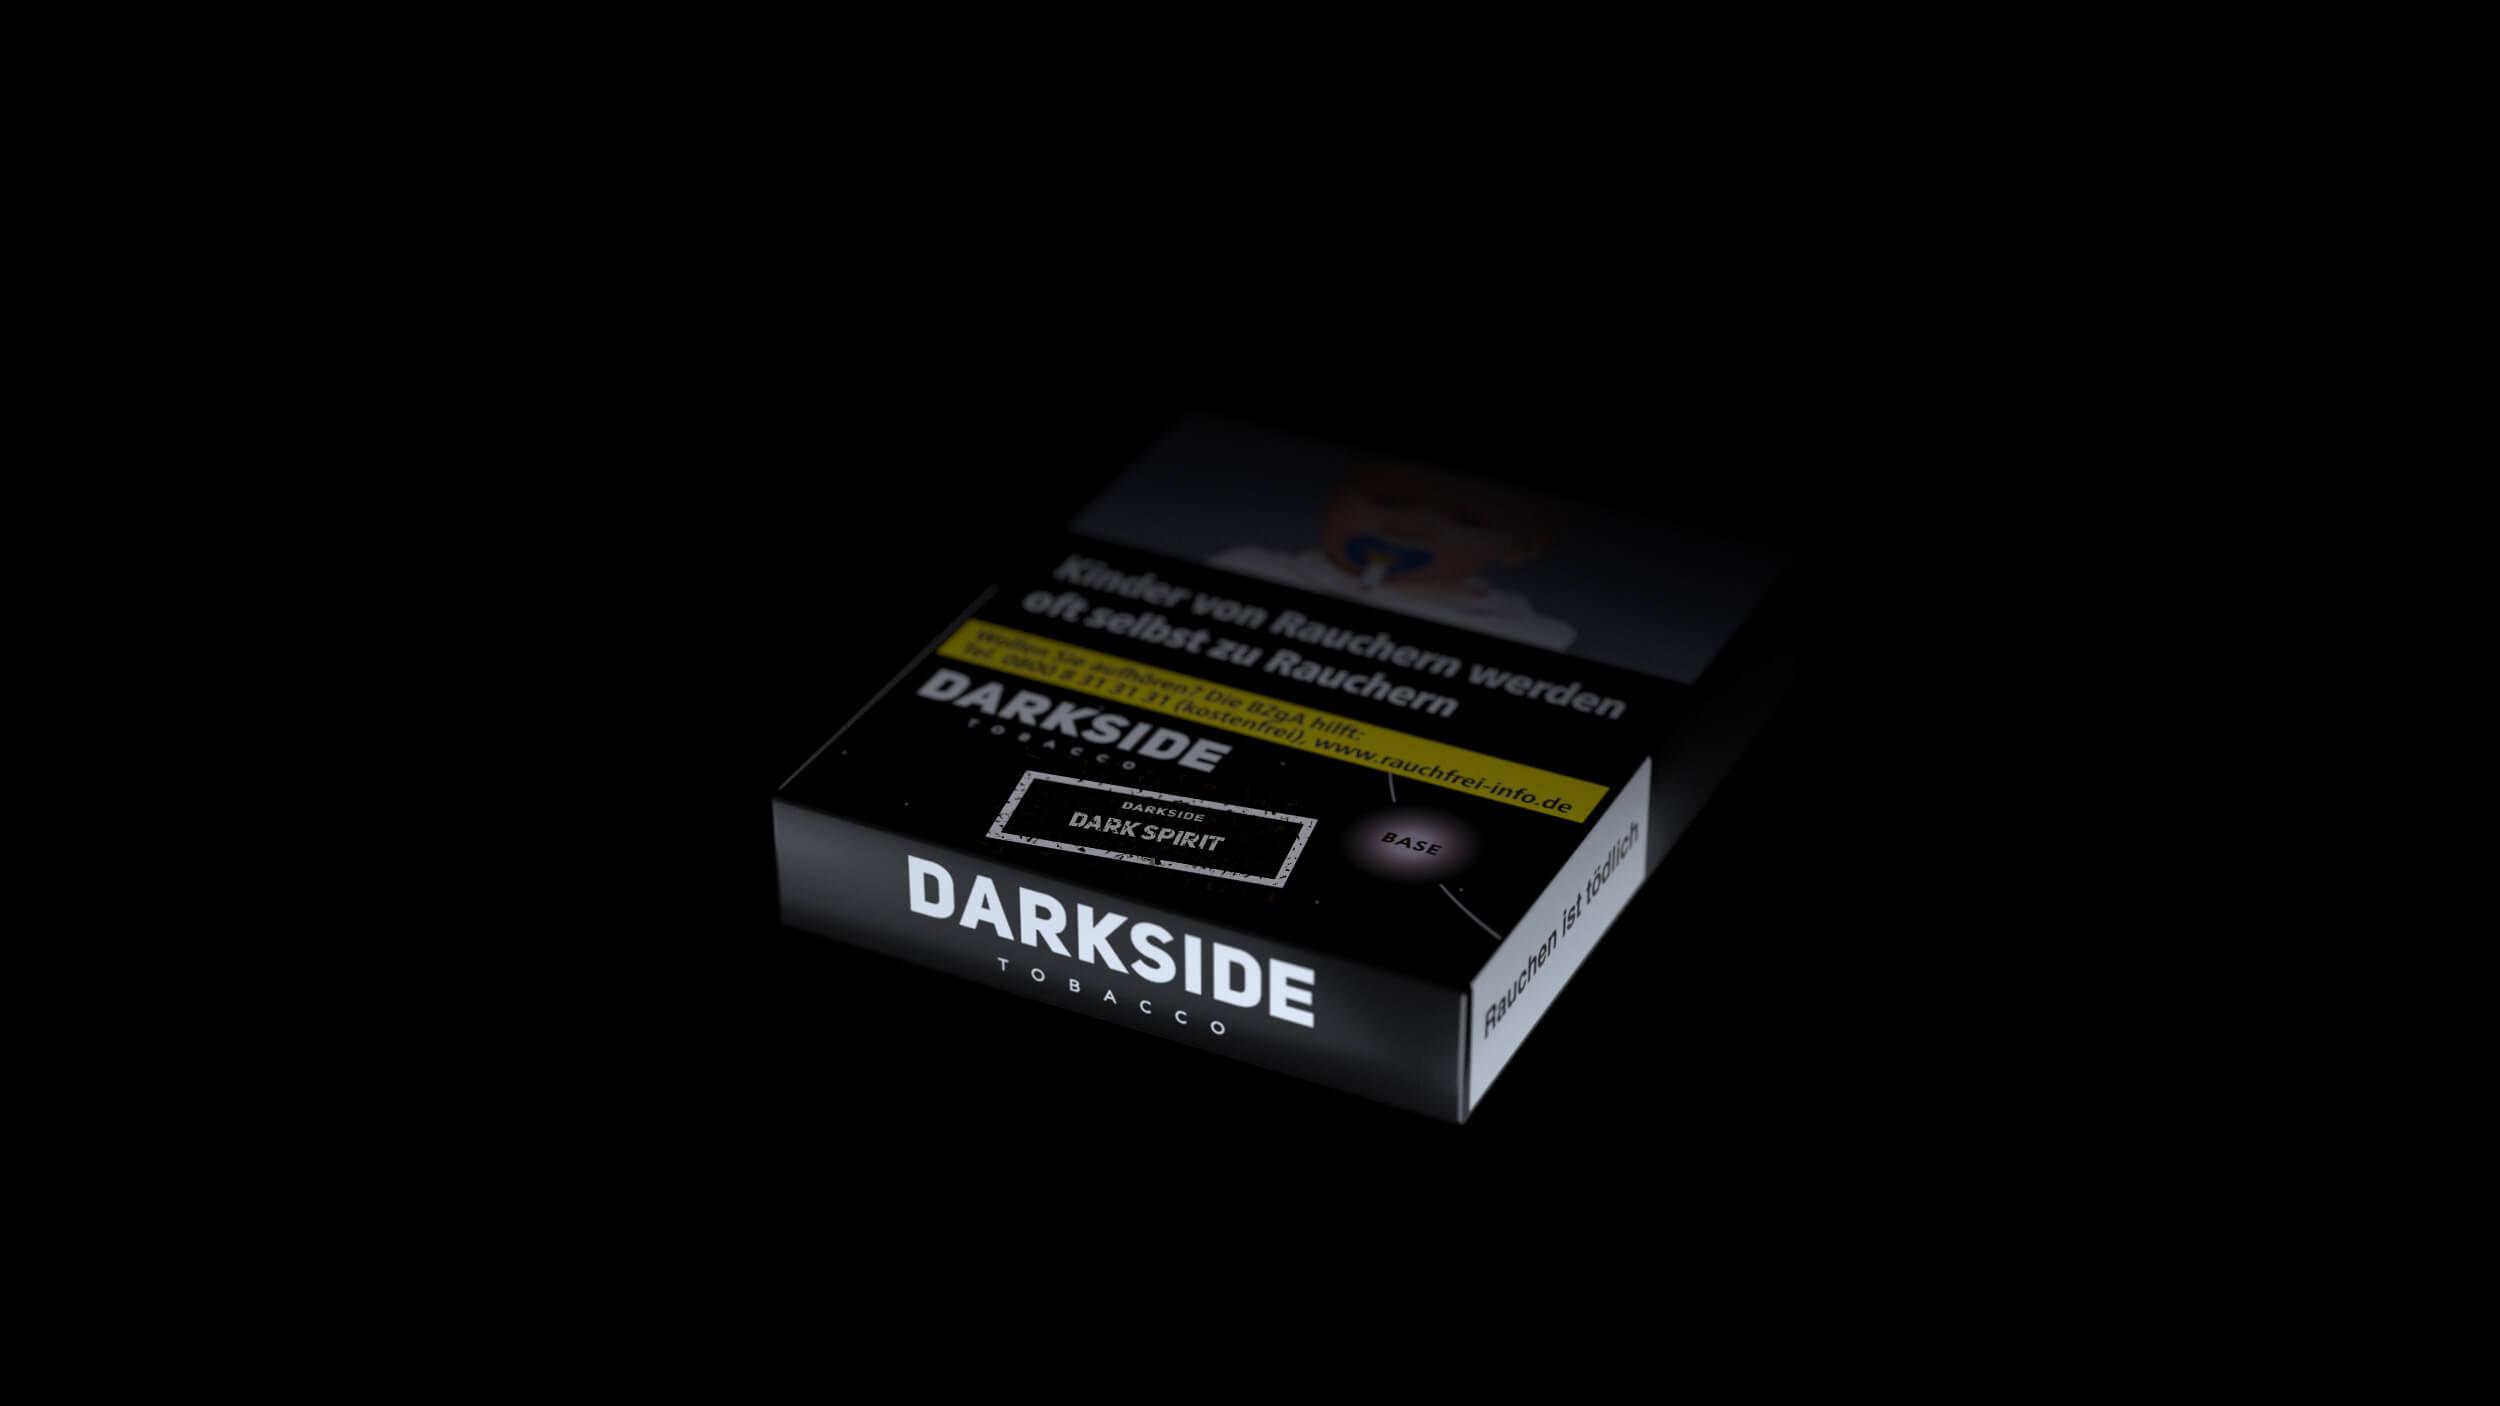 Darkside Dark Spirit Base 200g